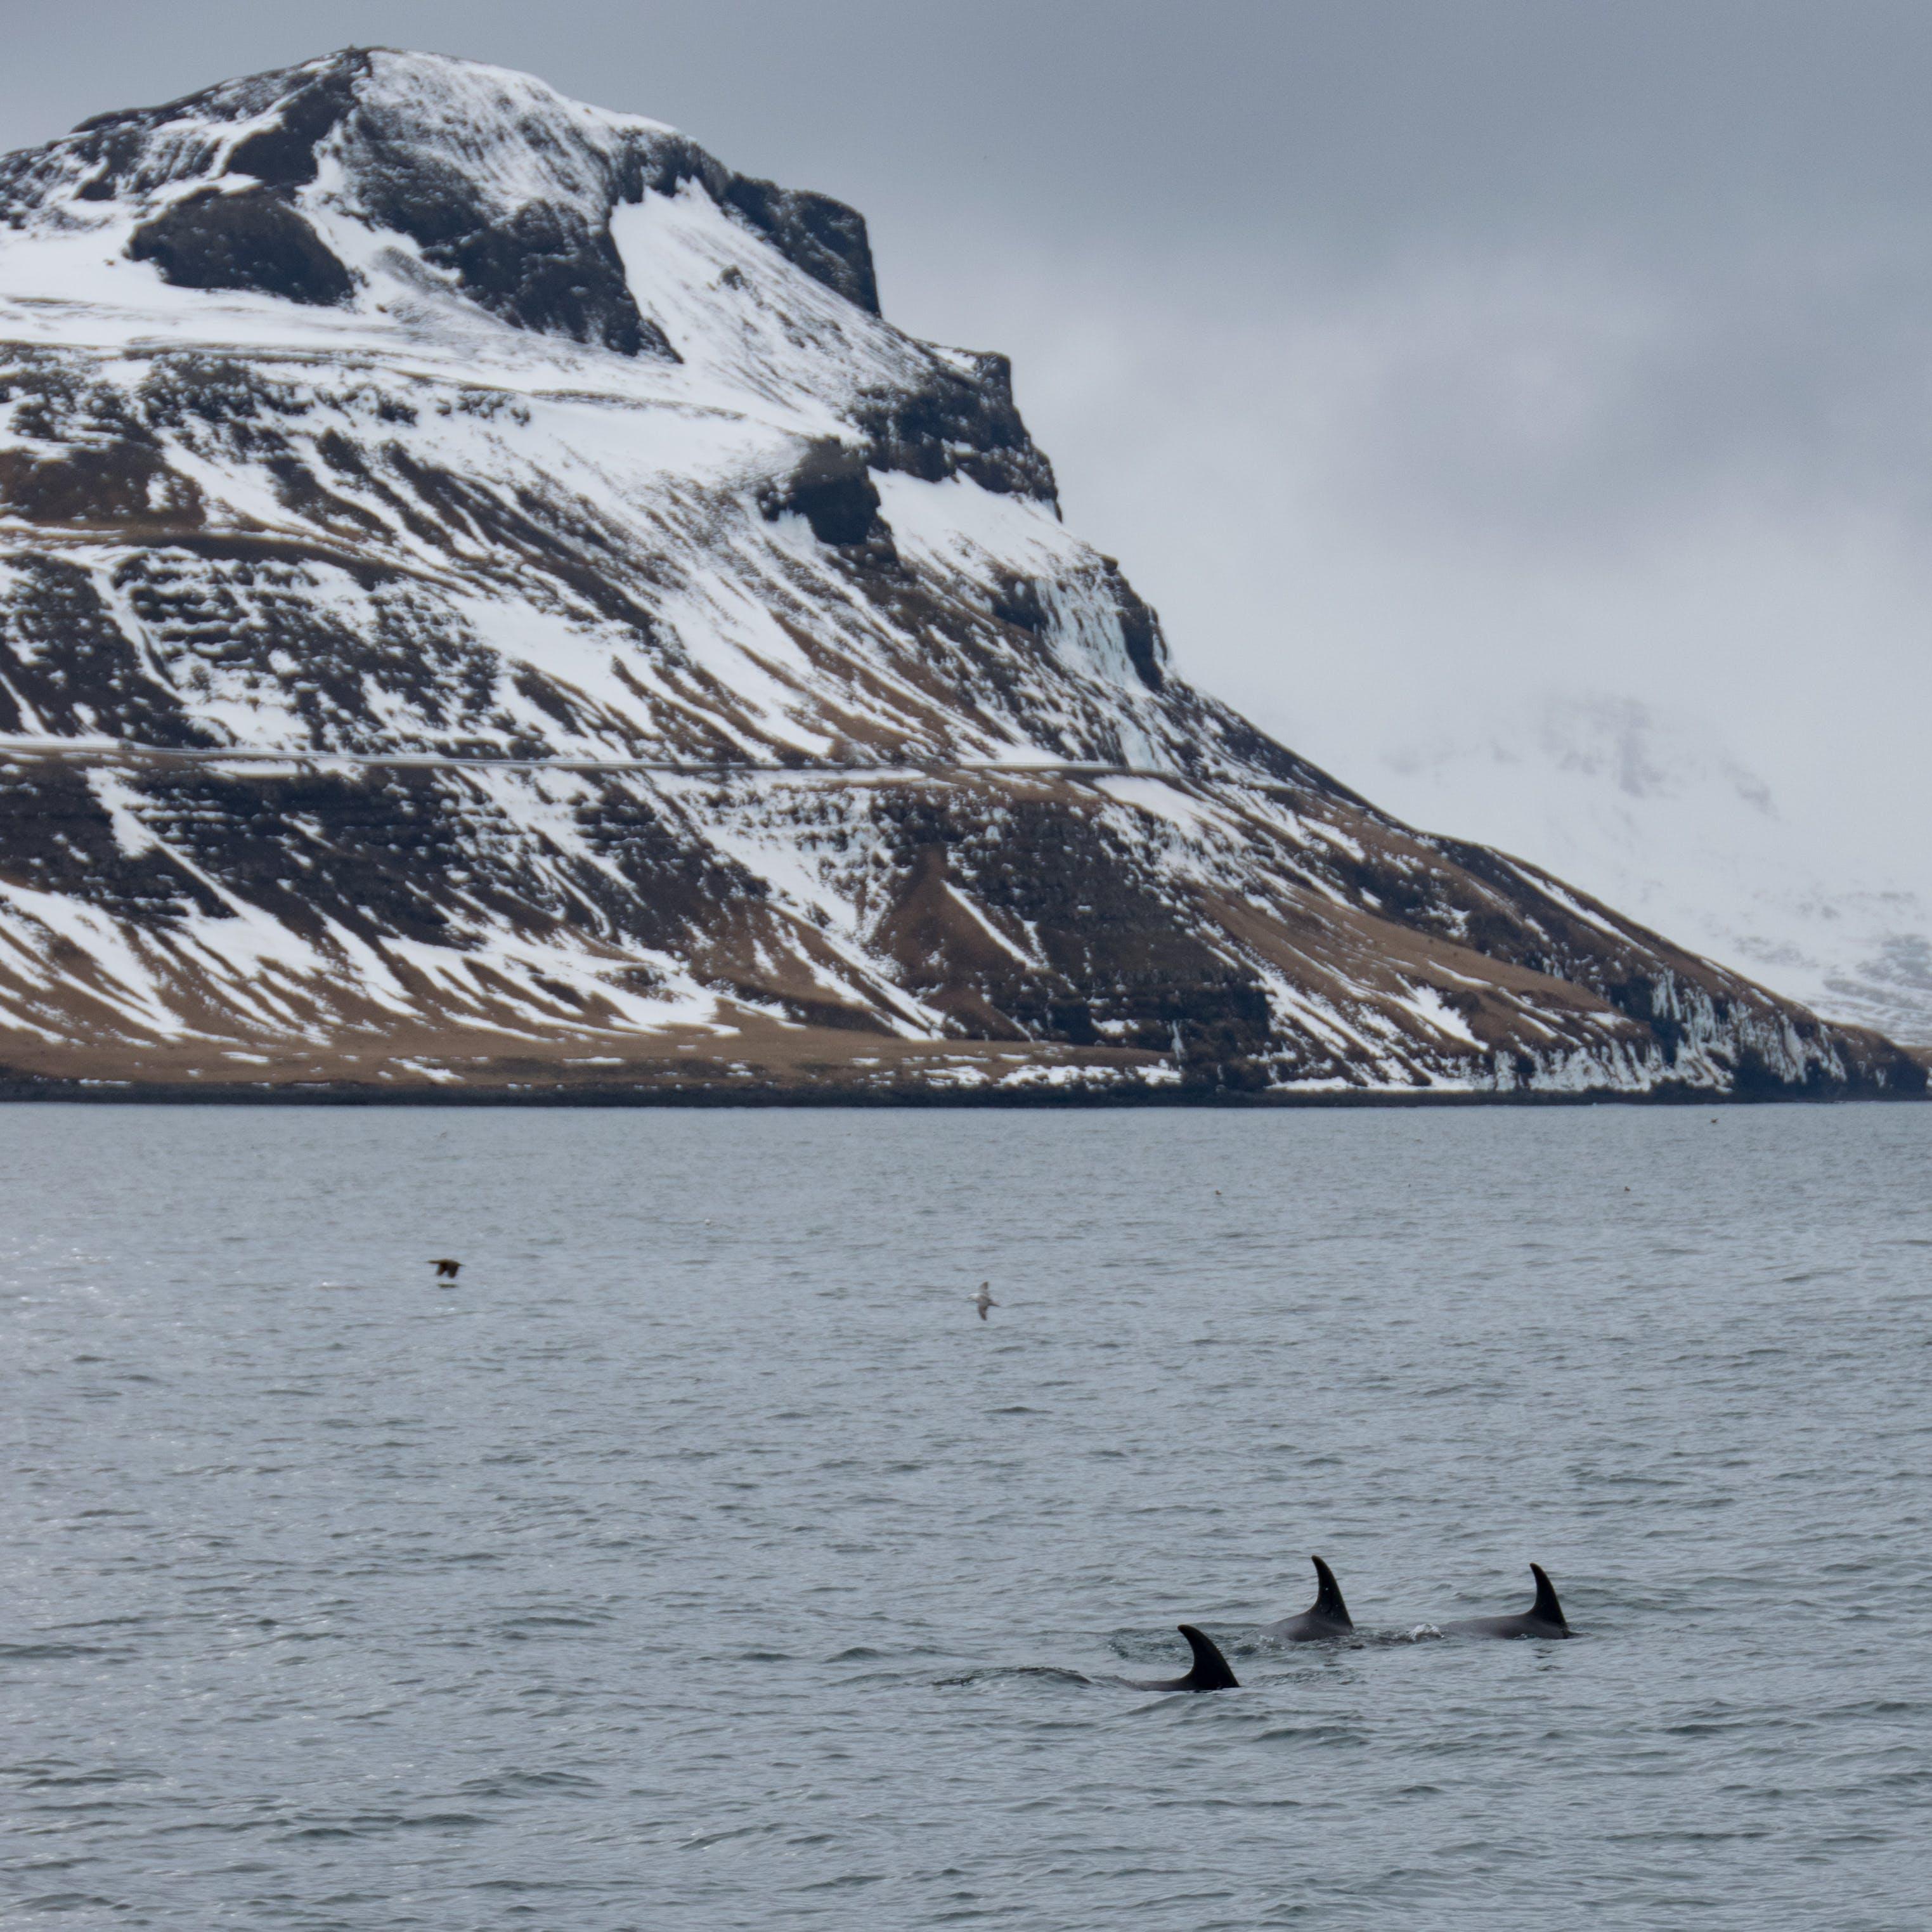 Free stock photo of Dolfin, iceland, mountain, sea